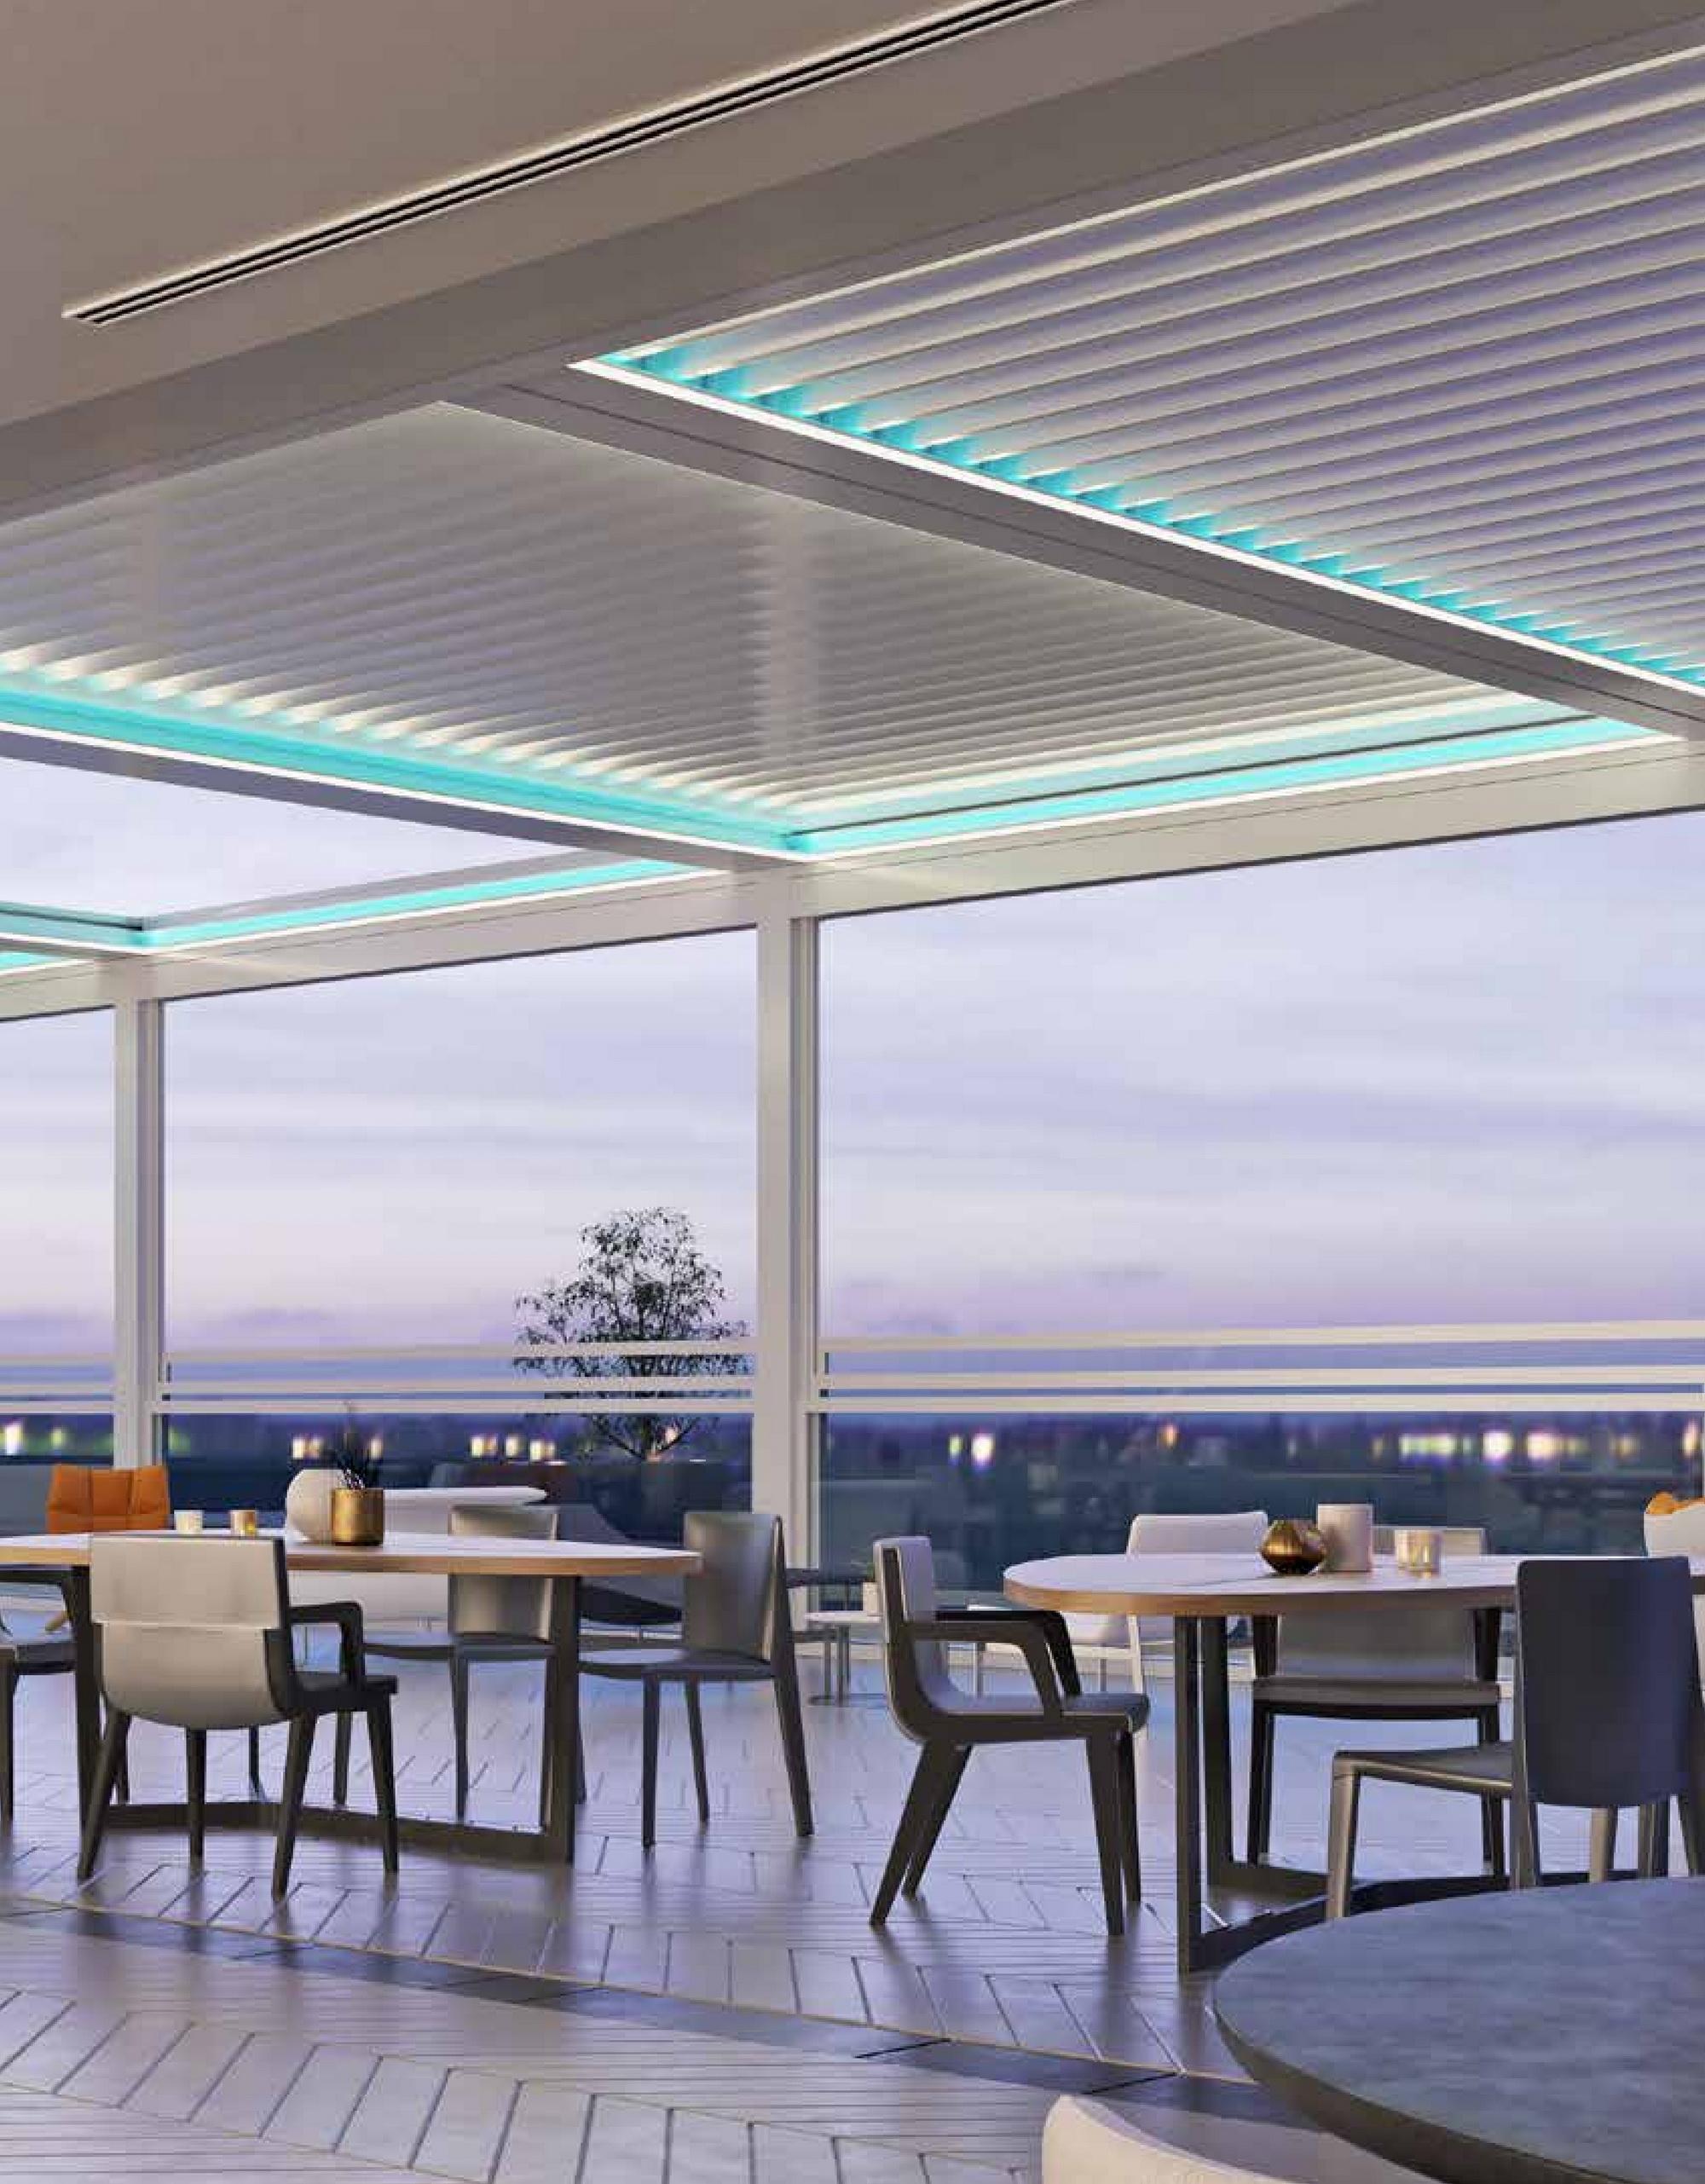 Pergola bioclimatica pentru restaurant, cafenea. pergole de lux. Cum poți folosi o pergolă bioclimatică